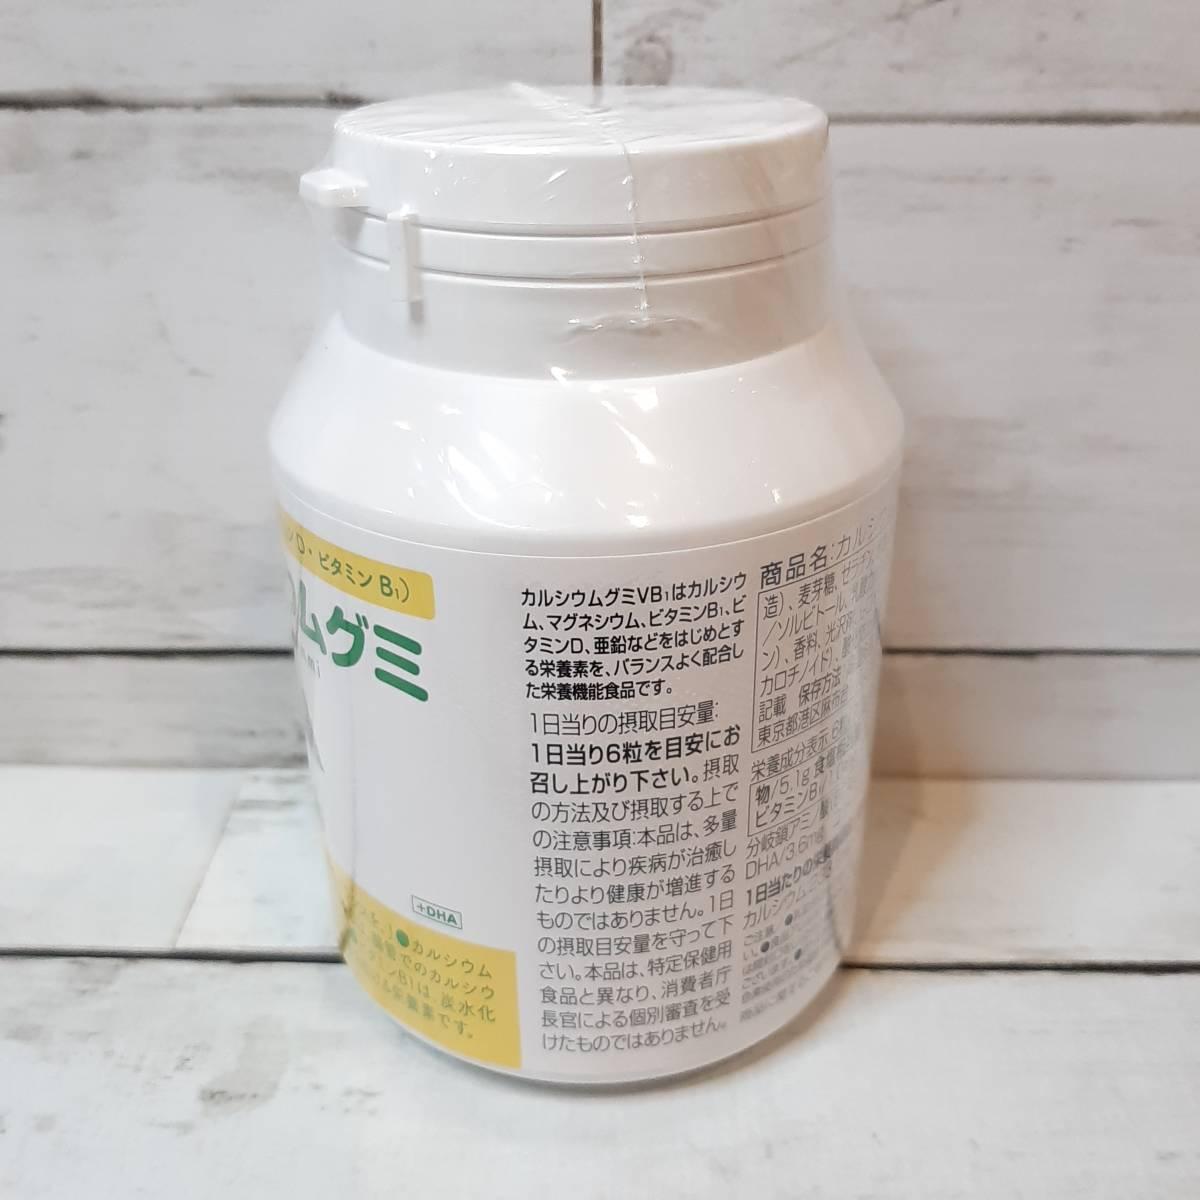 【新品・即決・送料込】 カルシウムグミ B1 レモン味 30日分 子供用 おやつ 乳酸菌 成長サプリ BCAA   配送補償あり 全国送料無料_画像3